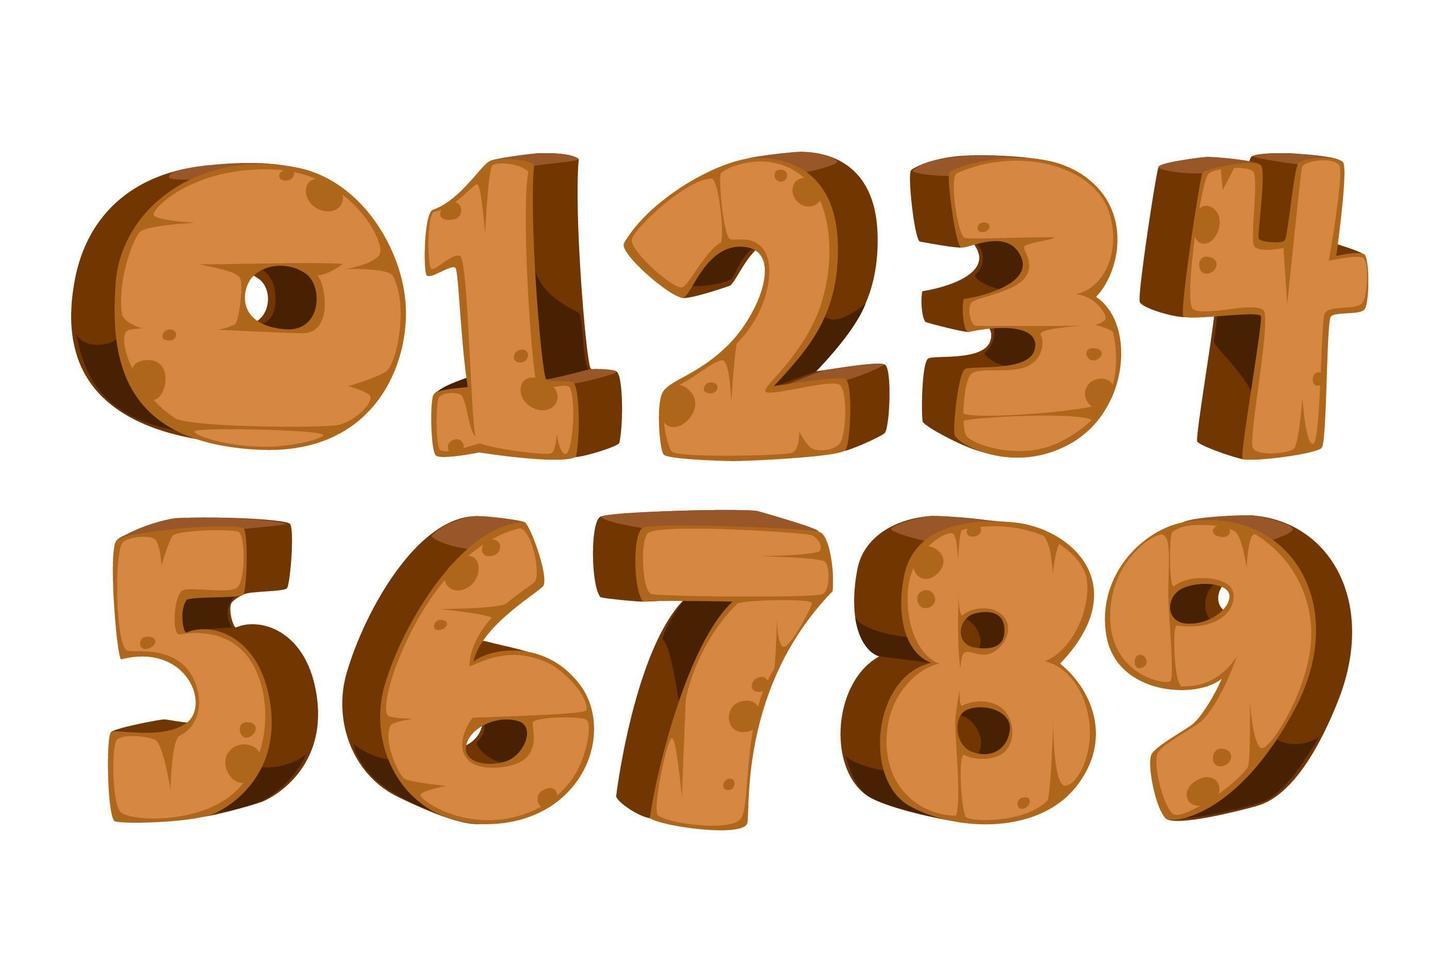 números em negrito com textura de madeira vetor